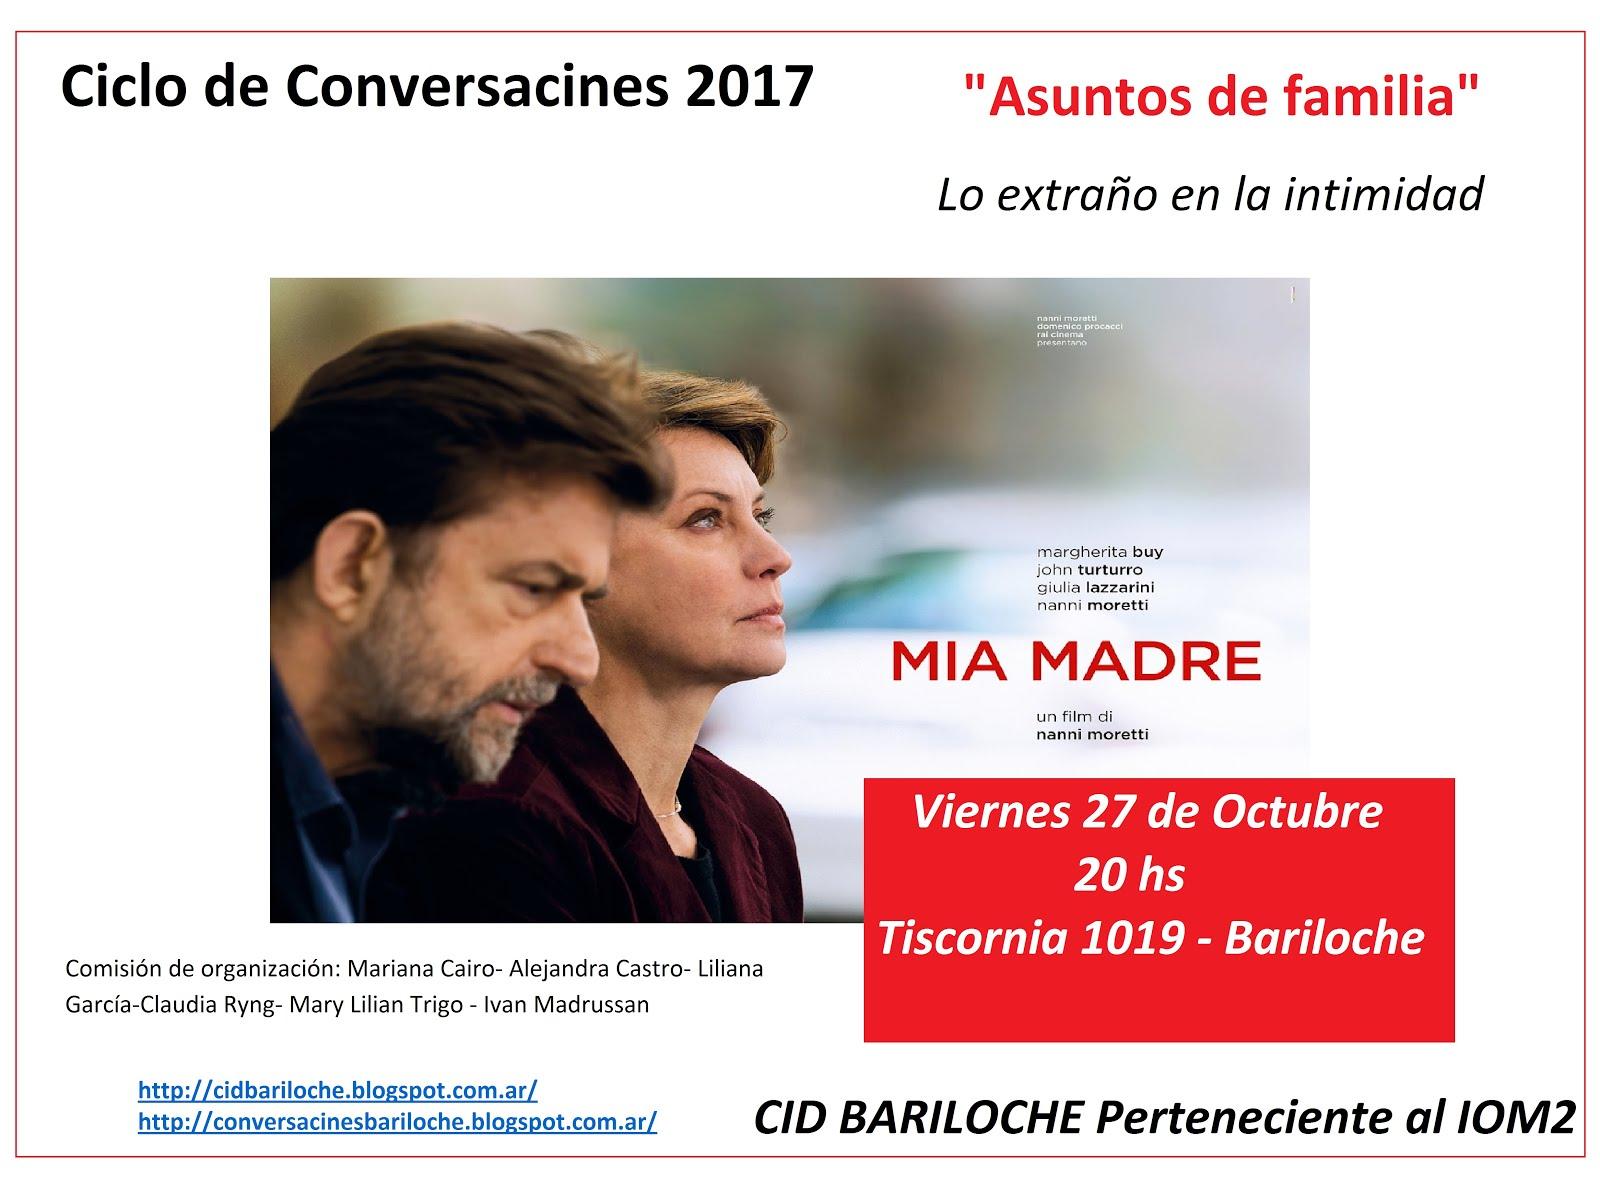 Ciclo Conversacines 2017